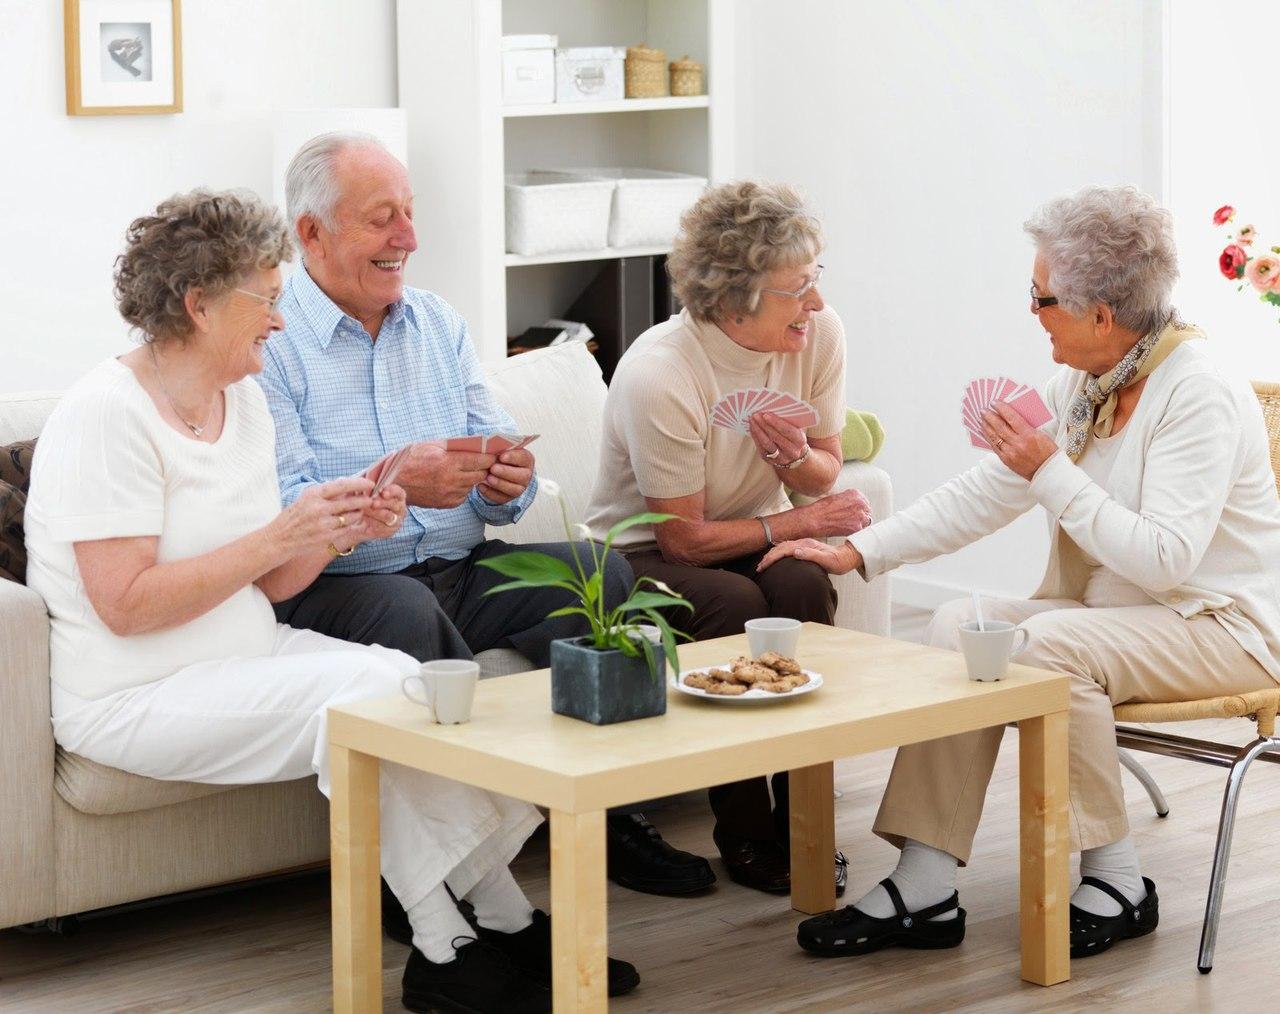 Услуги частного пансиона для престарелых